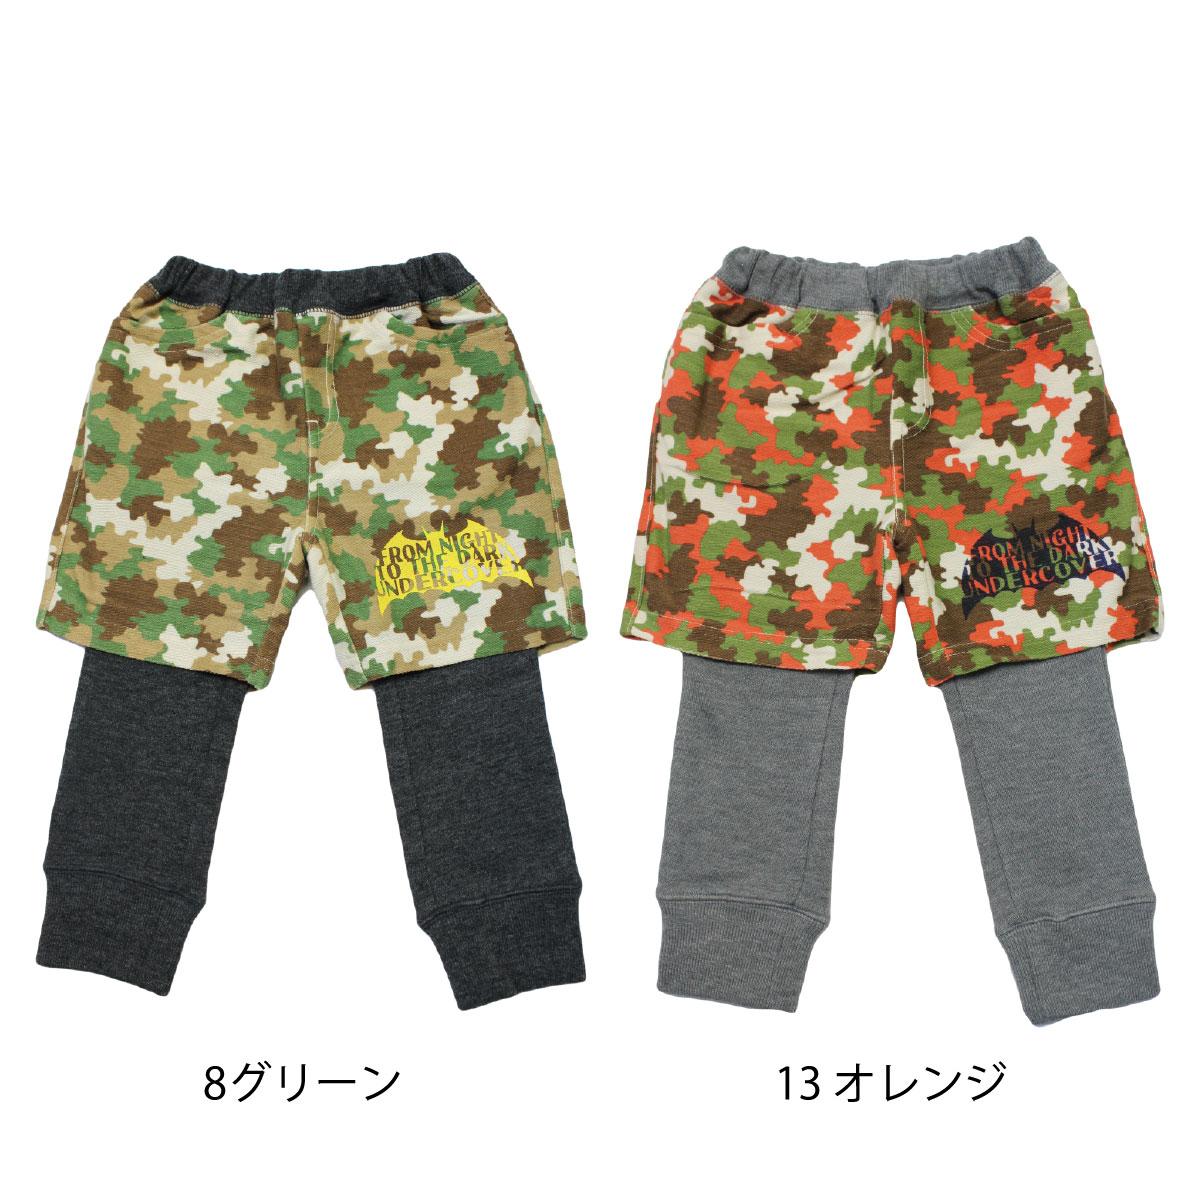 【SiShuNon/FARM】迷彩レイヤードパンツ